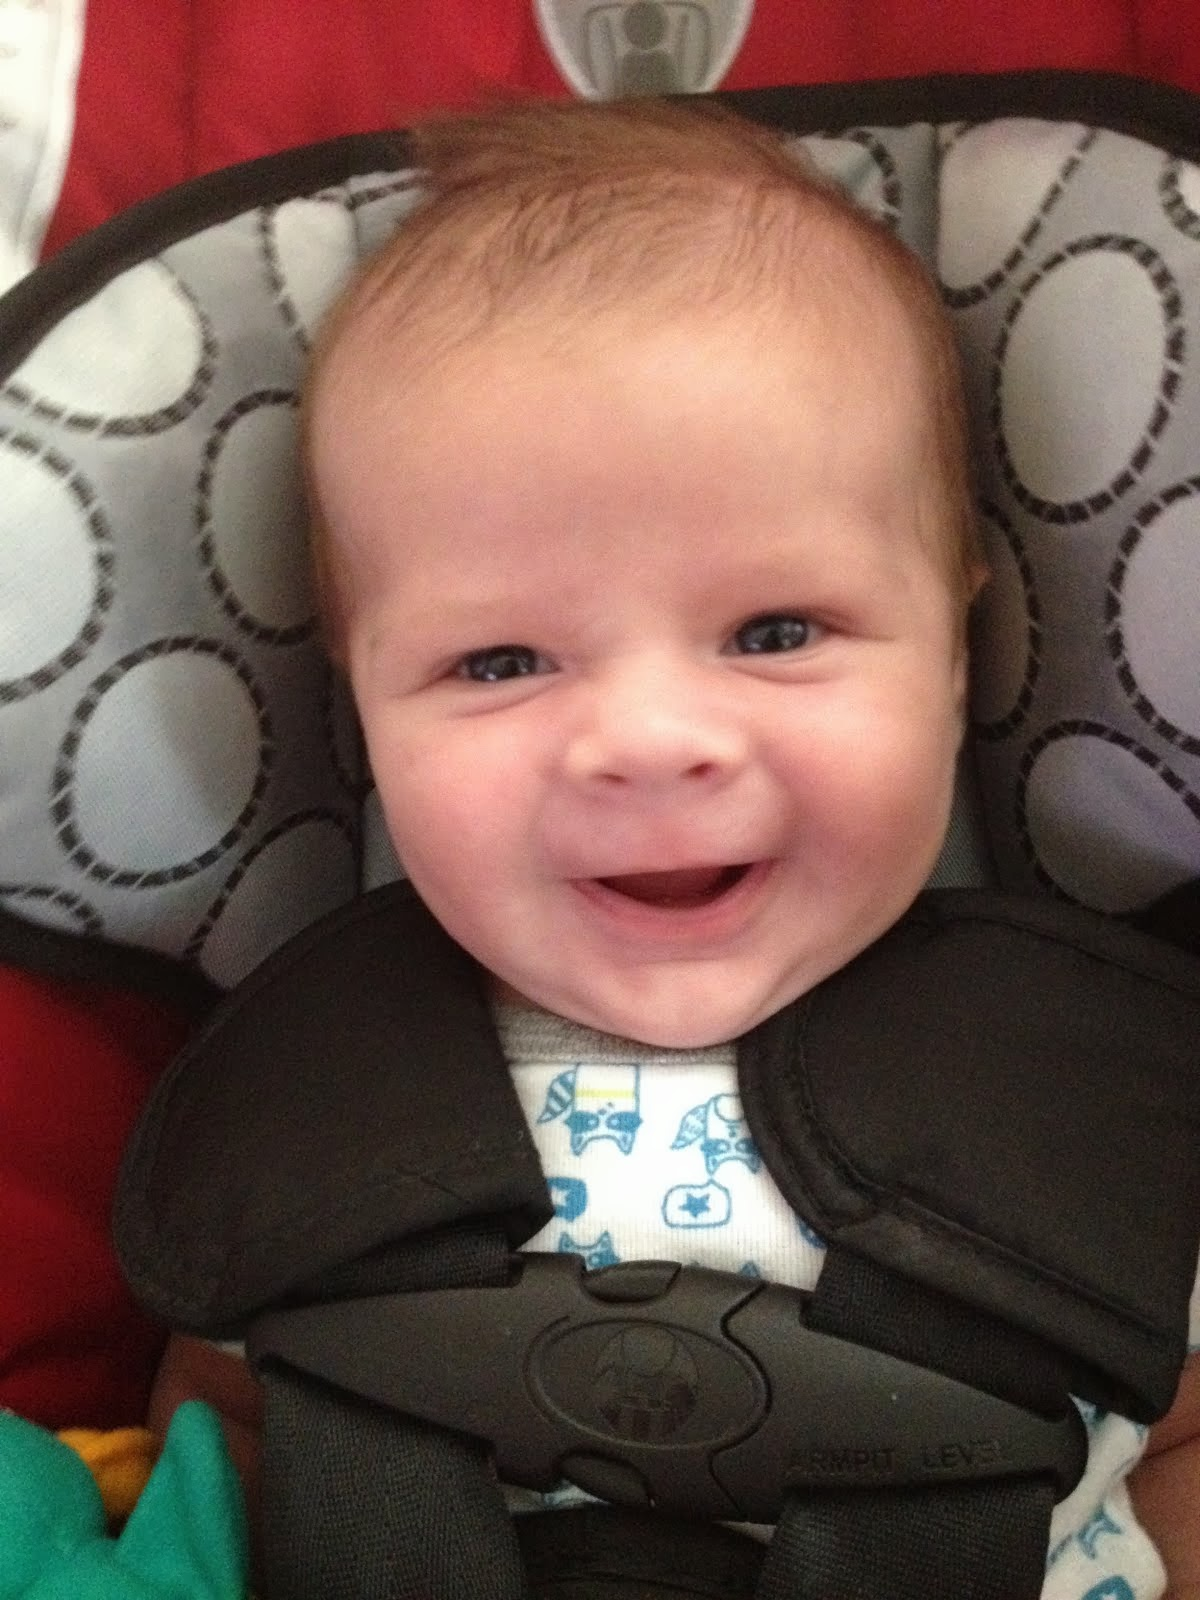 Our son, Mason